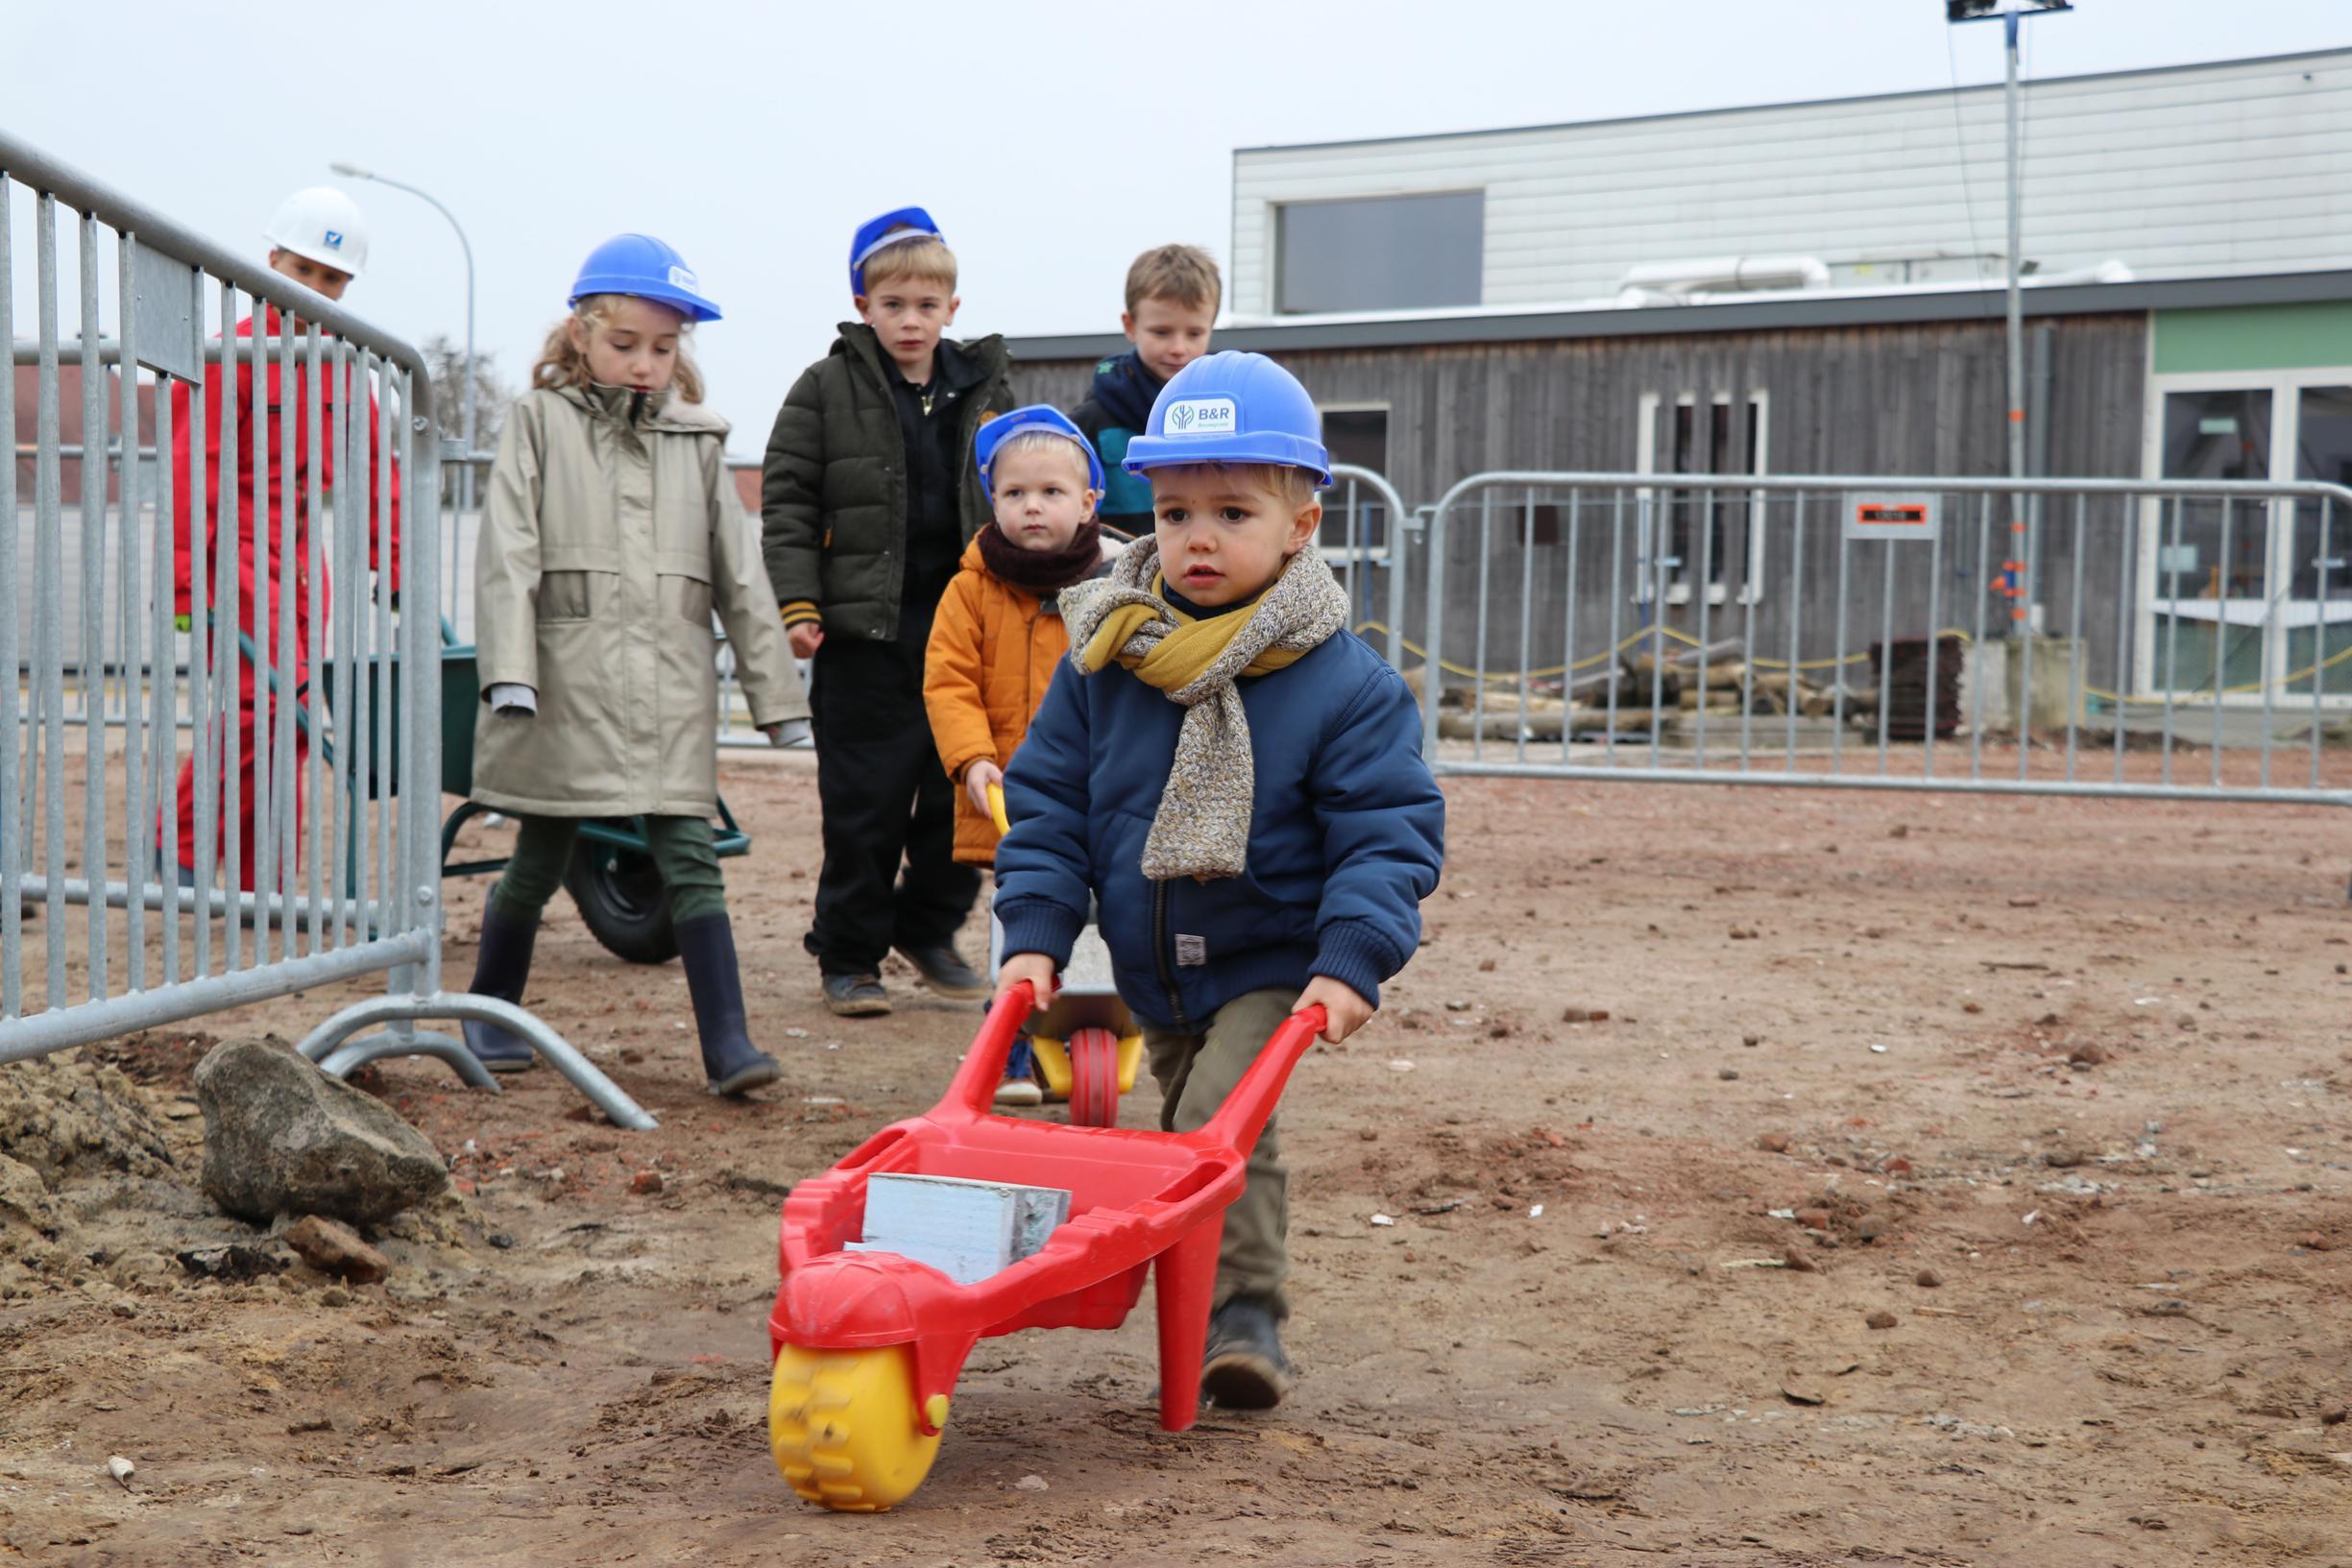 Kinderen brengen zelf eerste steen naar hun 'school van de toekomst'